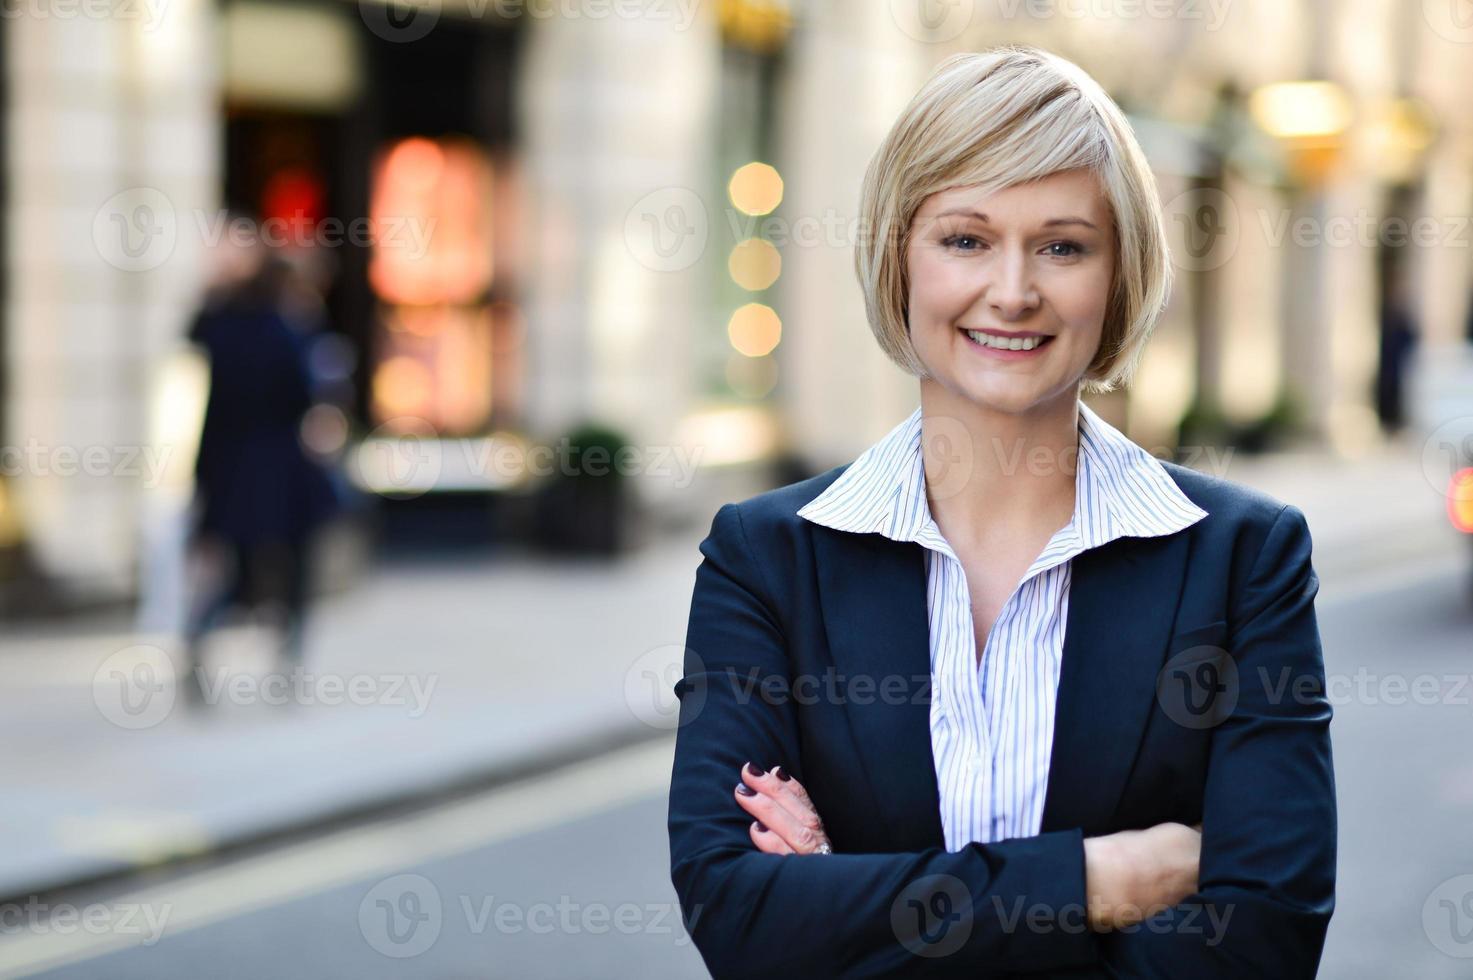 selbstbewusstes Geschäftsfrauenporträt foto